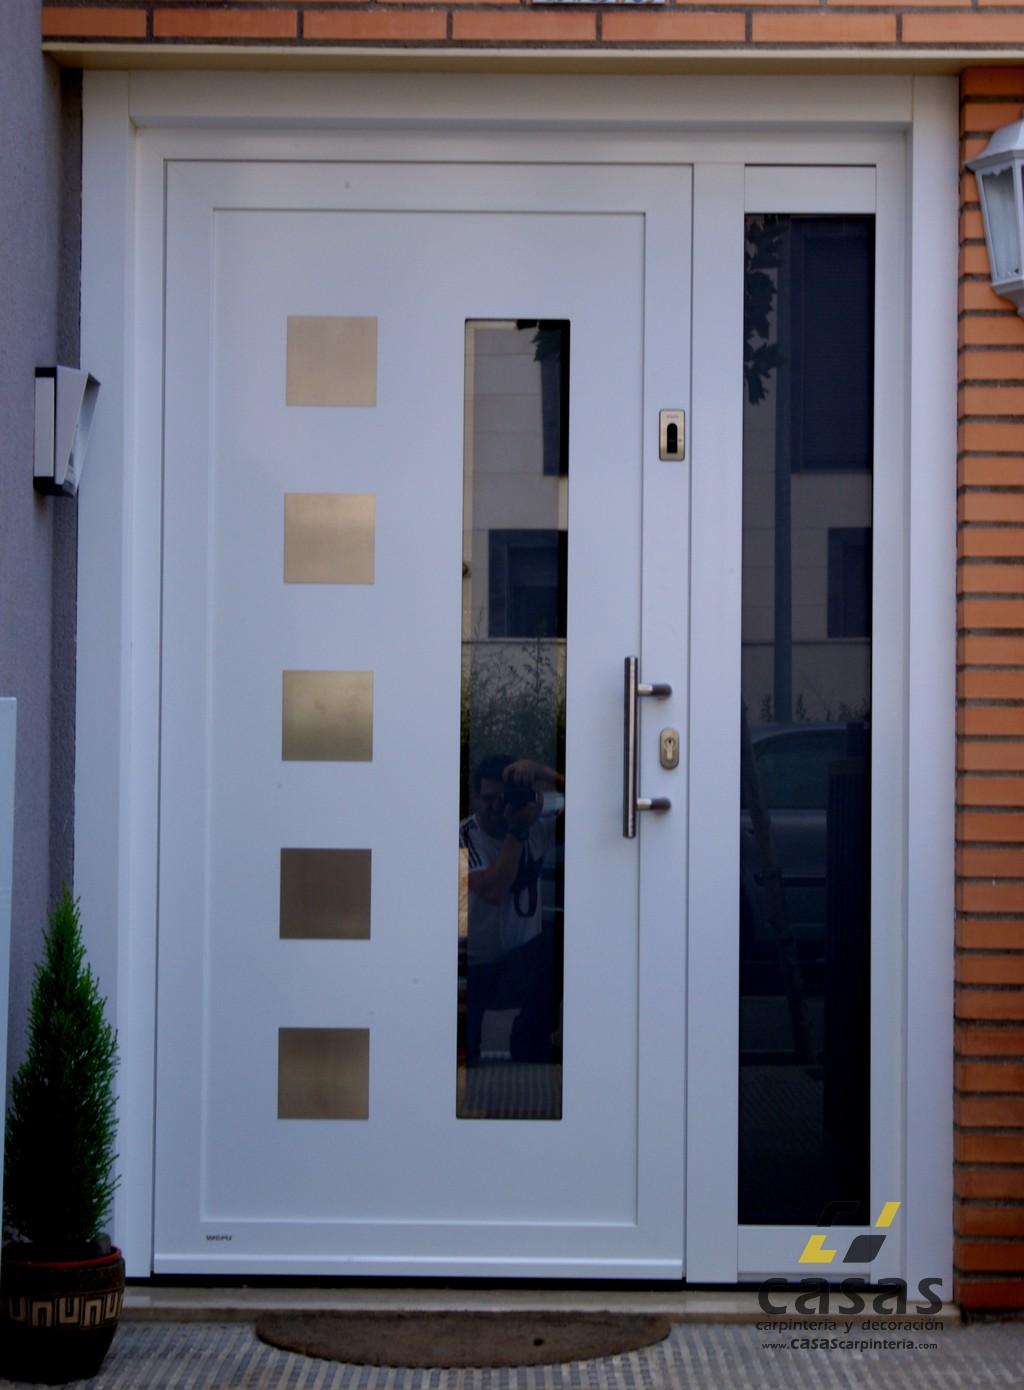 Puertas de entrada de dise o l 39 immagine della bellezza - Puertas de entrada de diseno ...